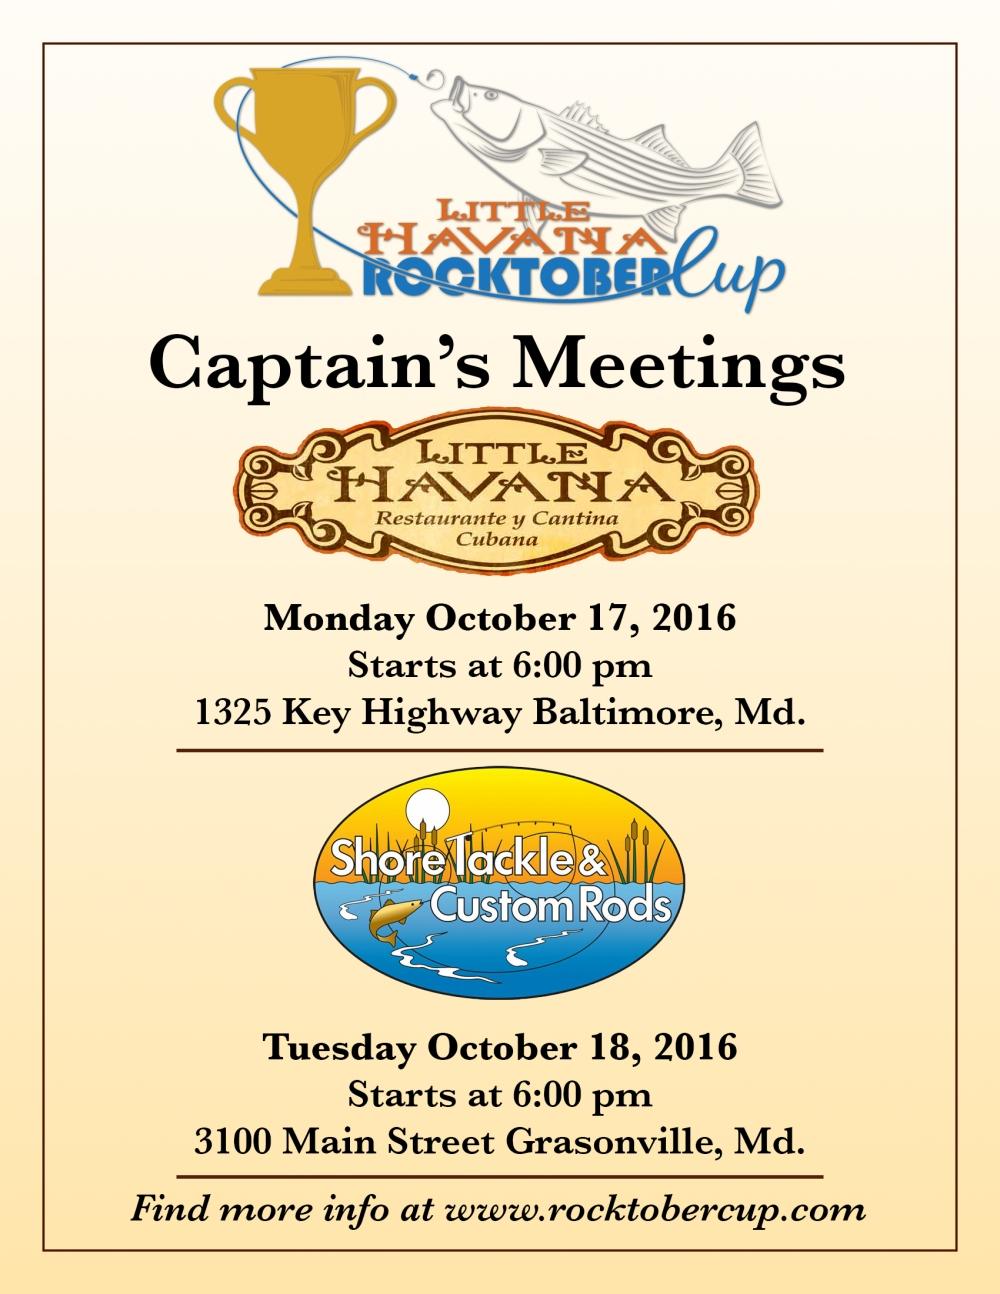 capt-meetings